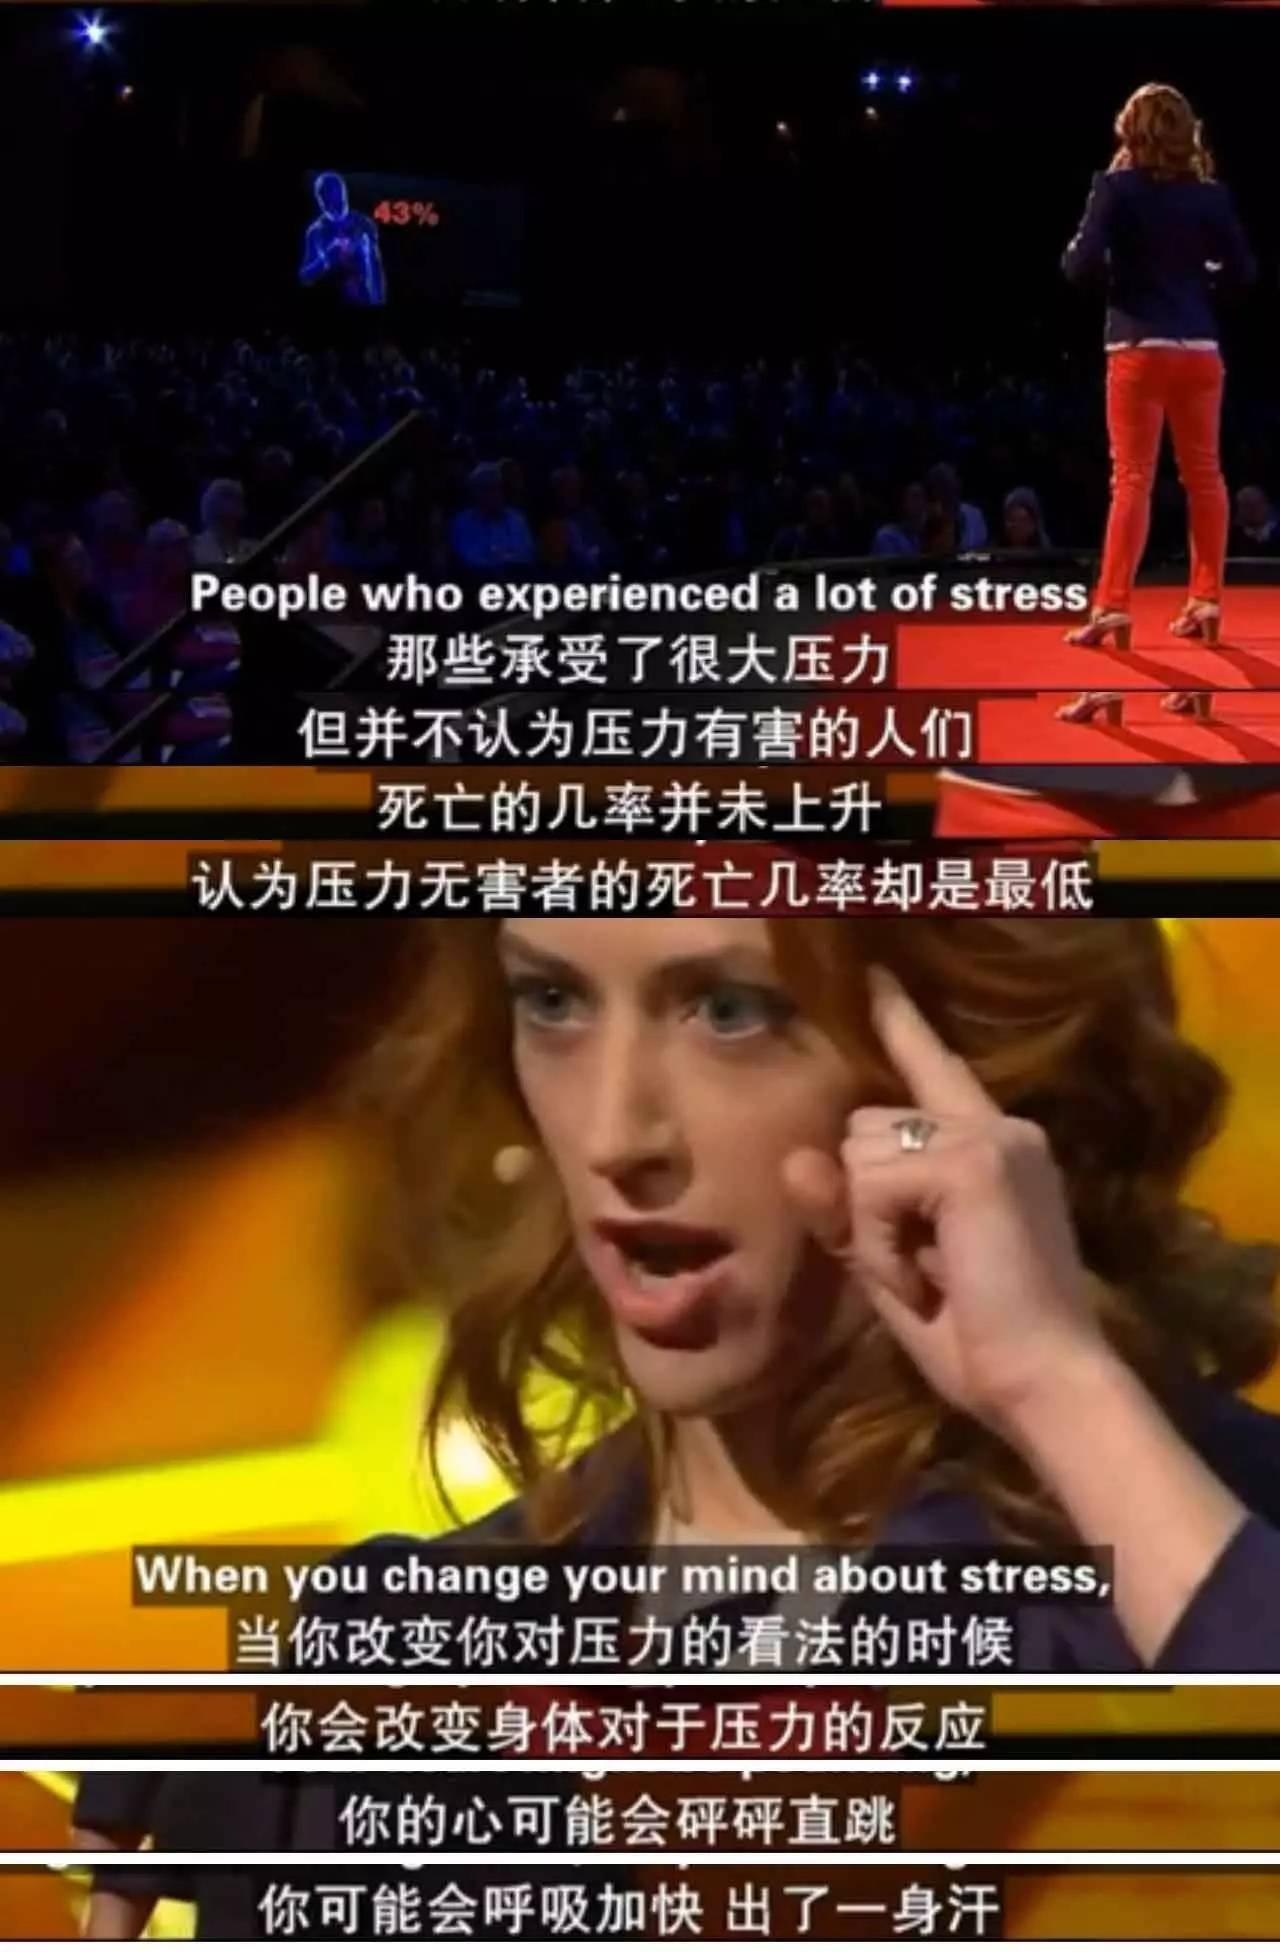 考试如不能改变人的一生,压力却可能让你变得更好